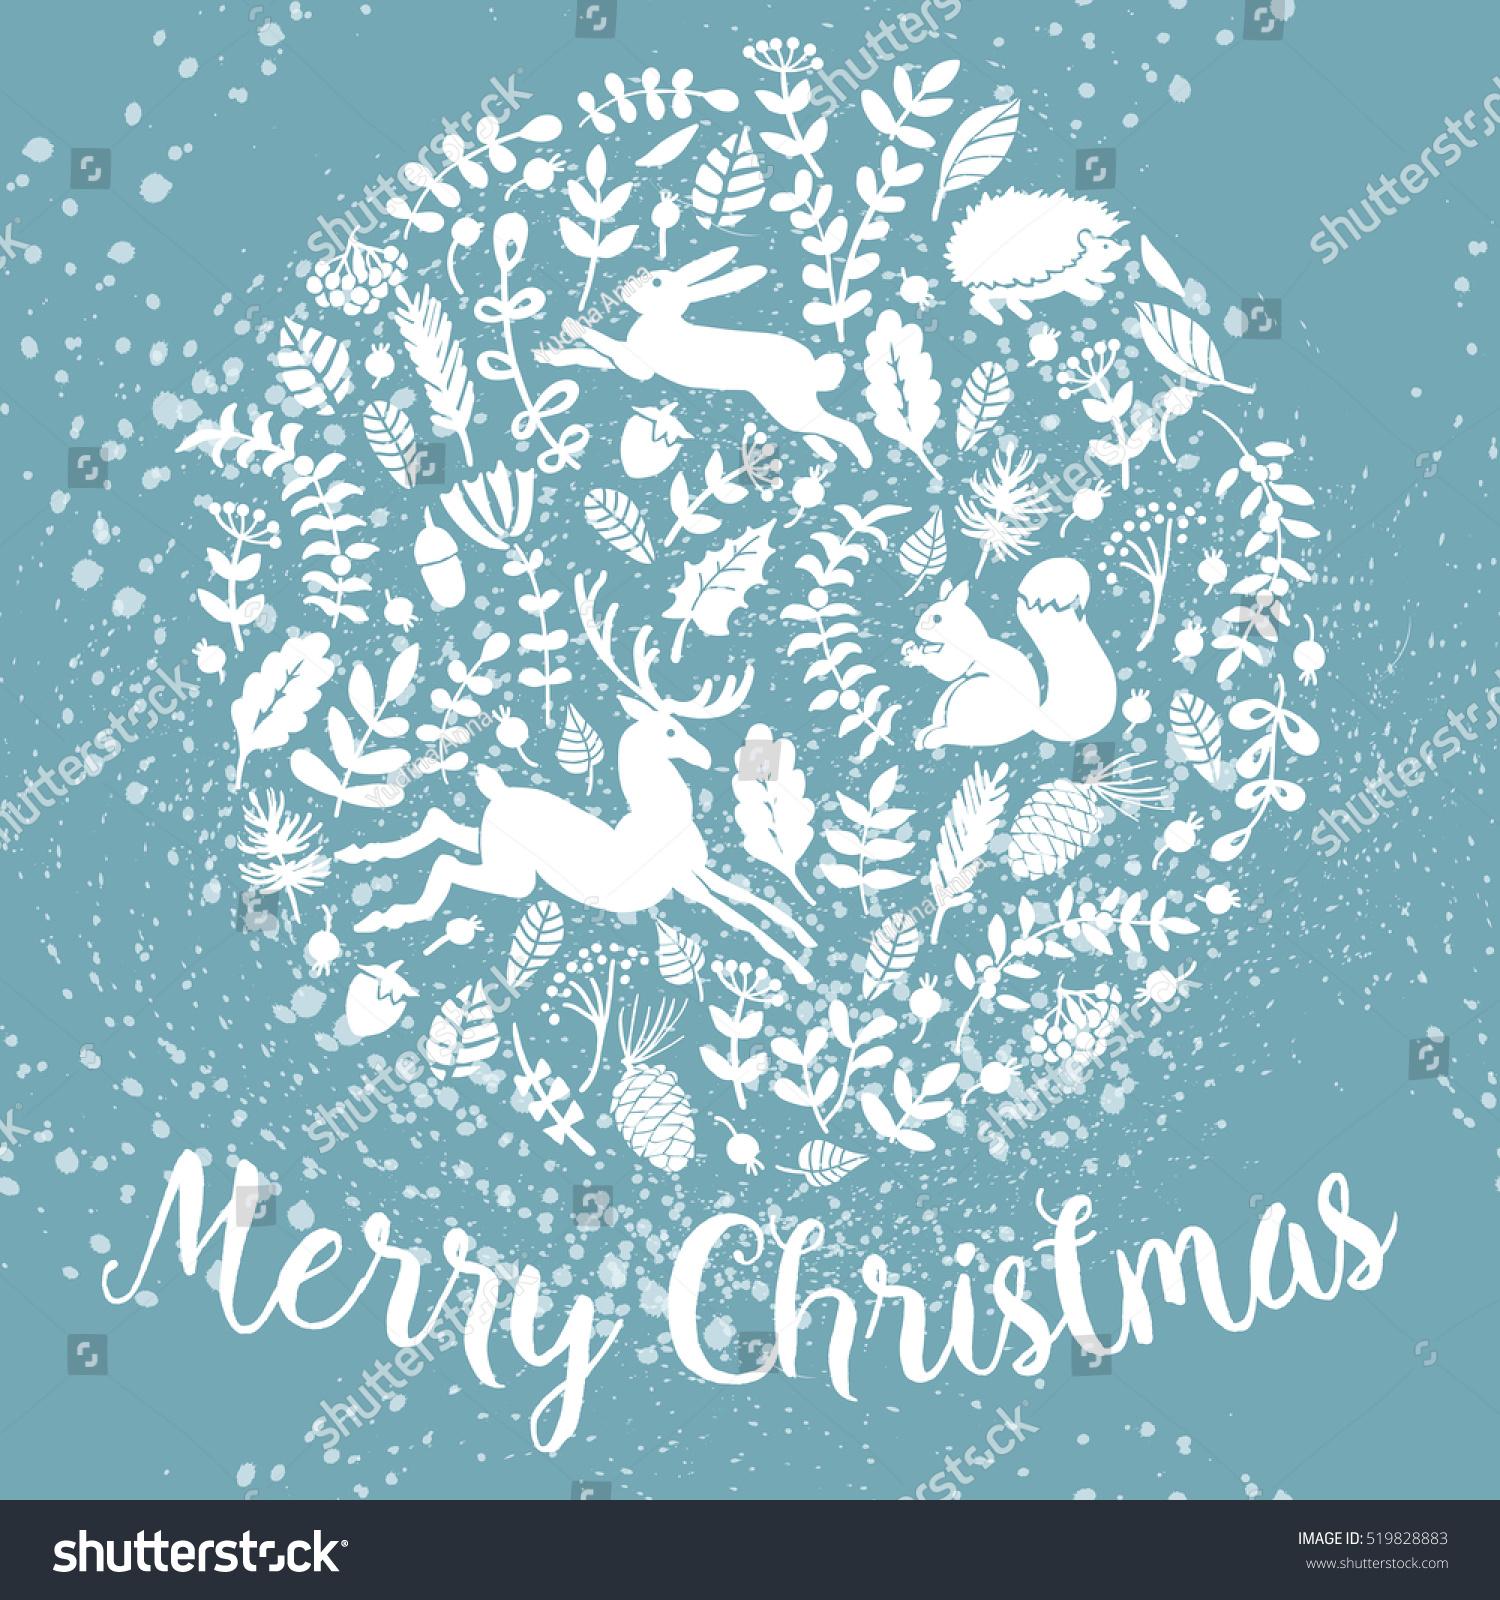 Snowy Christmas Card minimalist snowy landscape as a christmas card